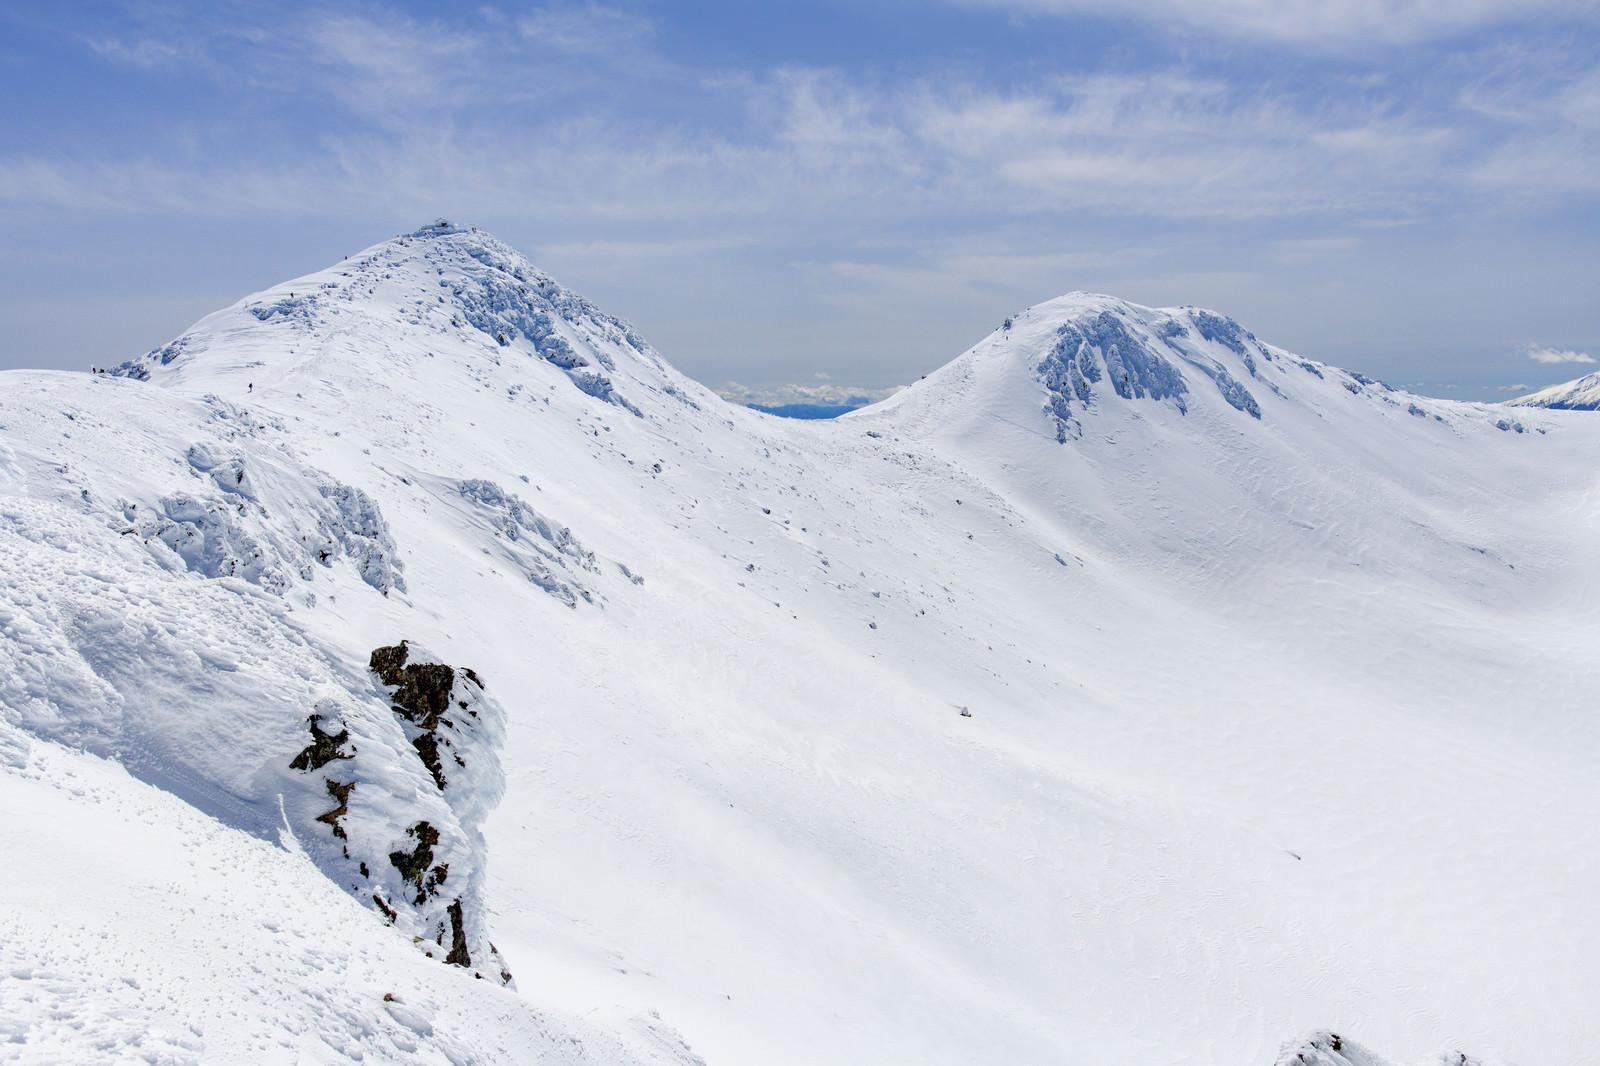 「雪に包まれた乗鞍岳の山頂」の写真